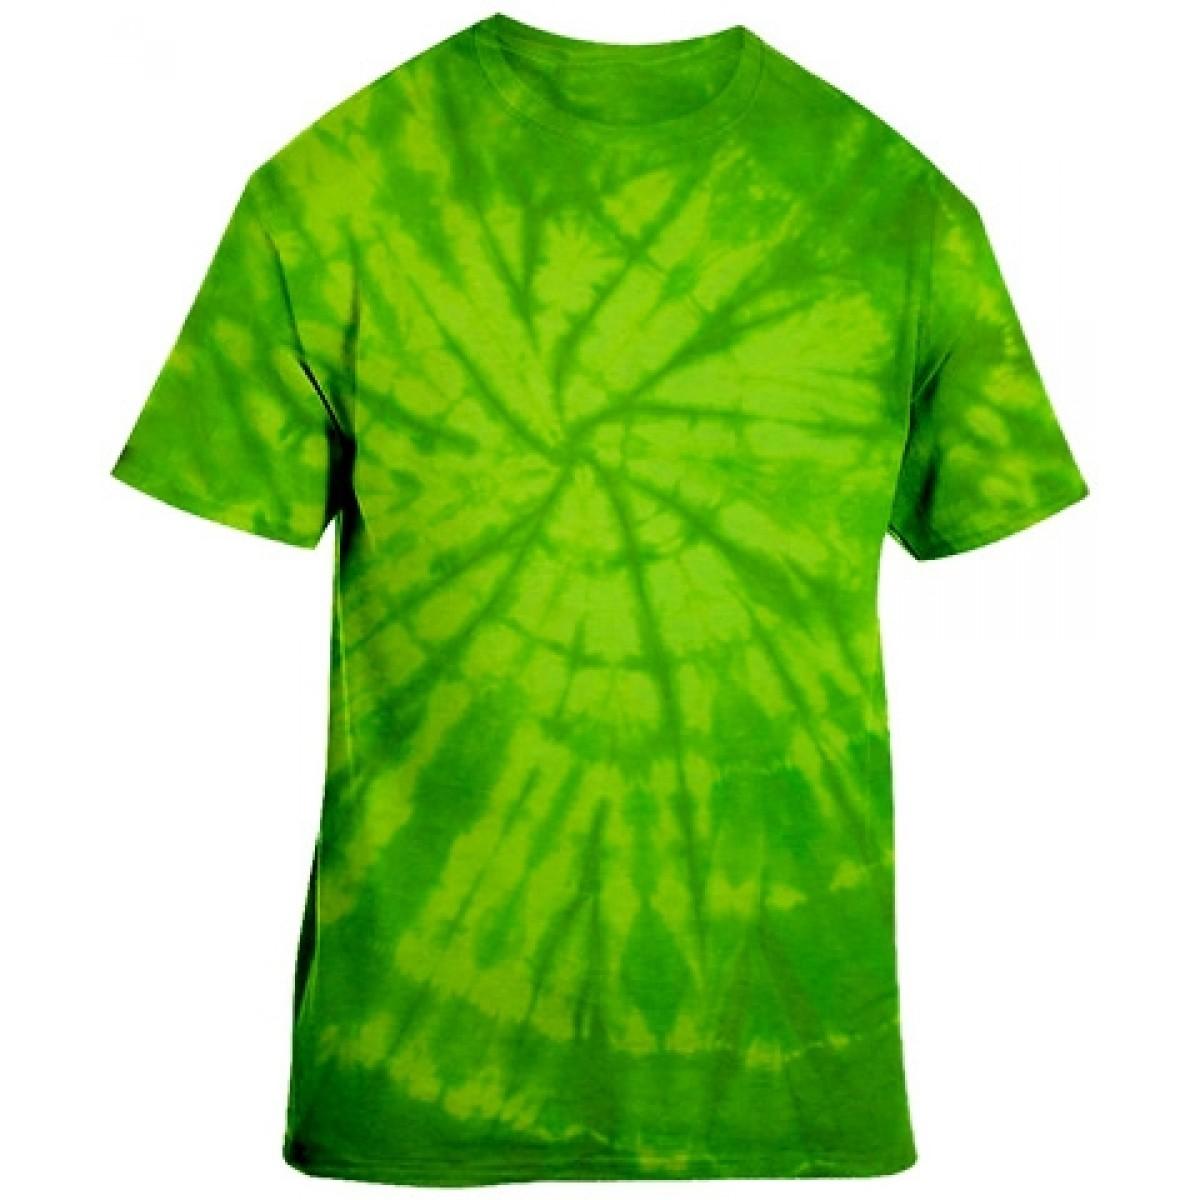 Tie-Dye Neon Green Short Sleeve-Neon Green-YM